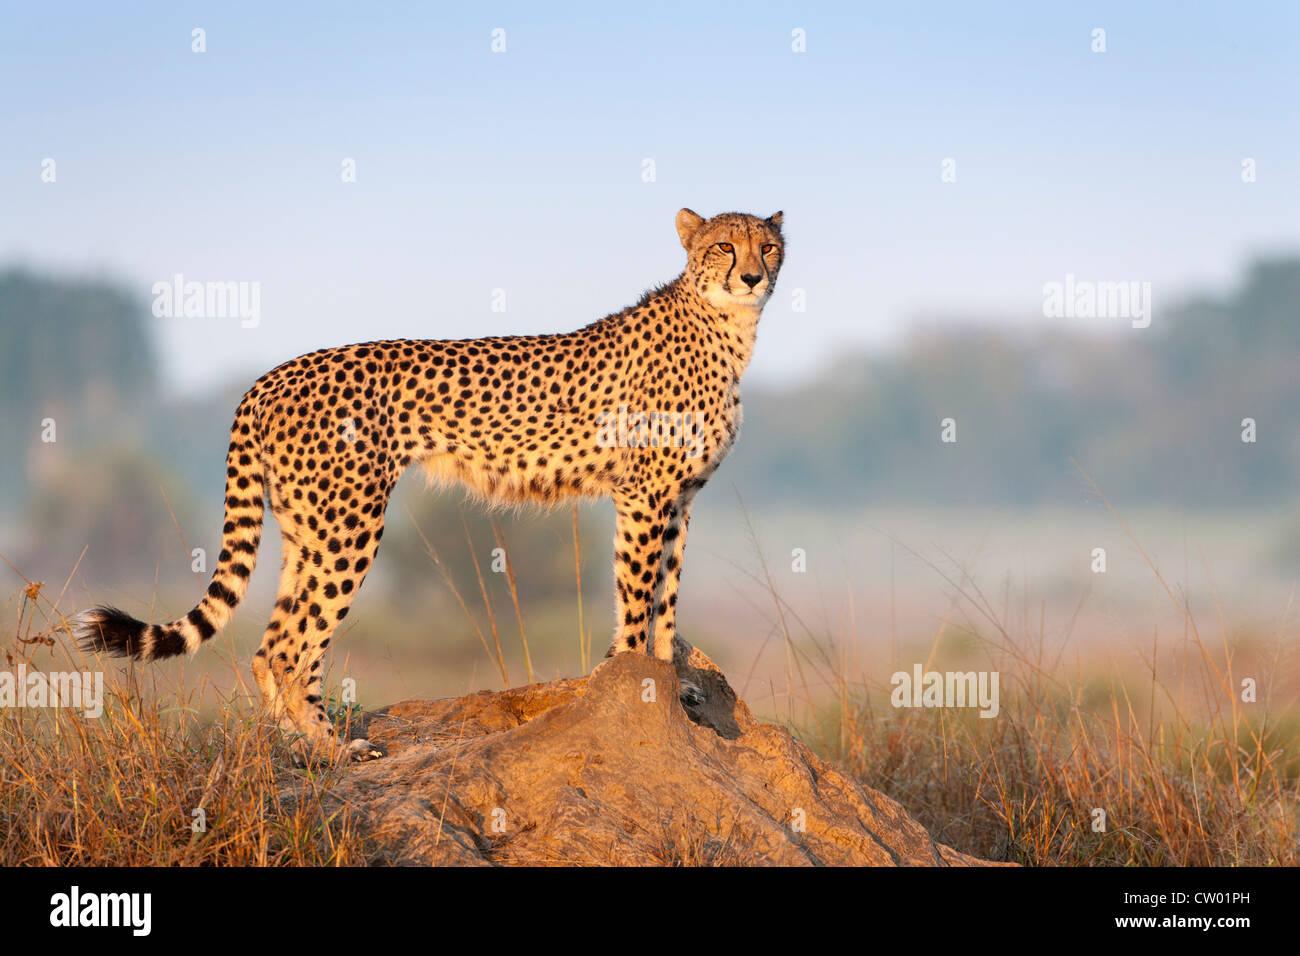 Cheetah female (Acinonyx jubatus), Phinda private game reserve, Kwazulu Natal, South Africa, June 2012 - Stock Image